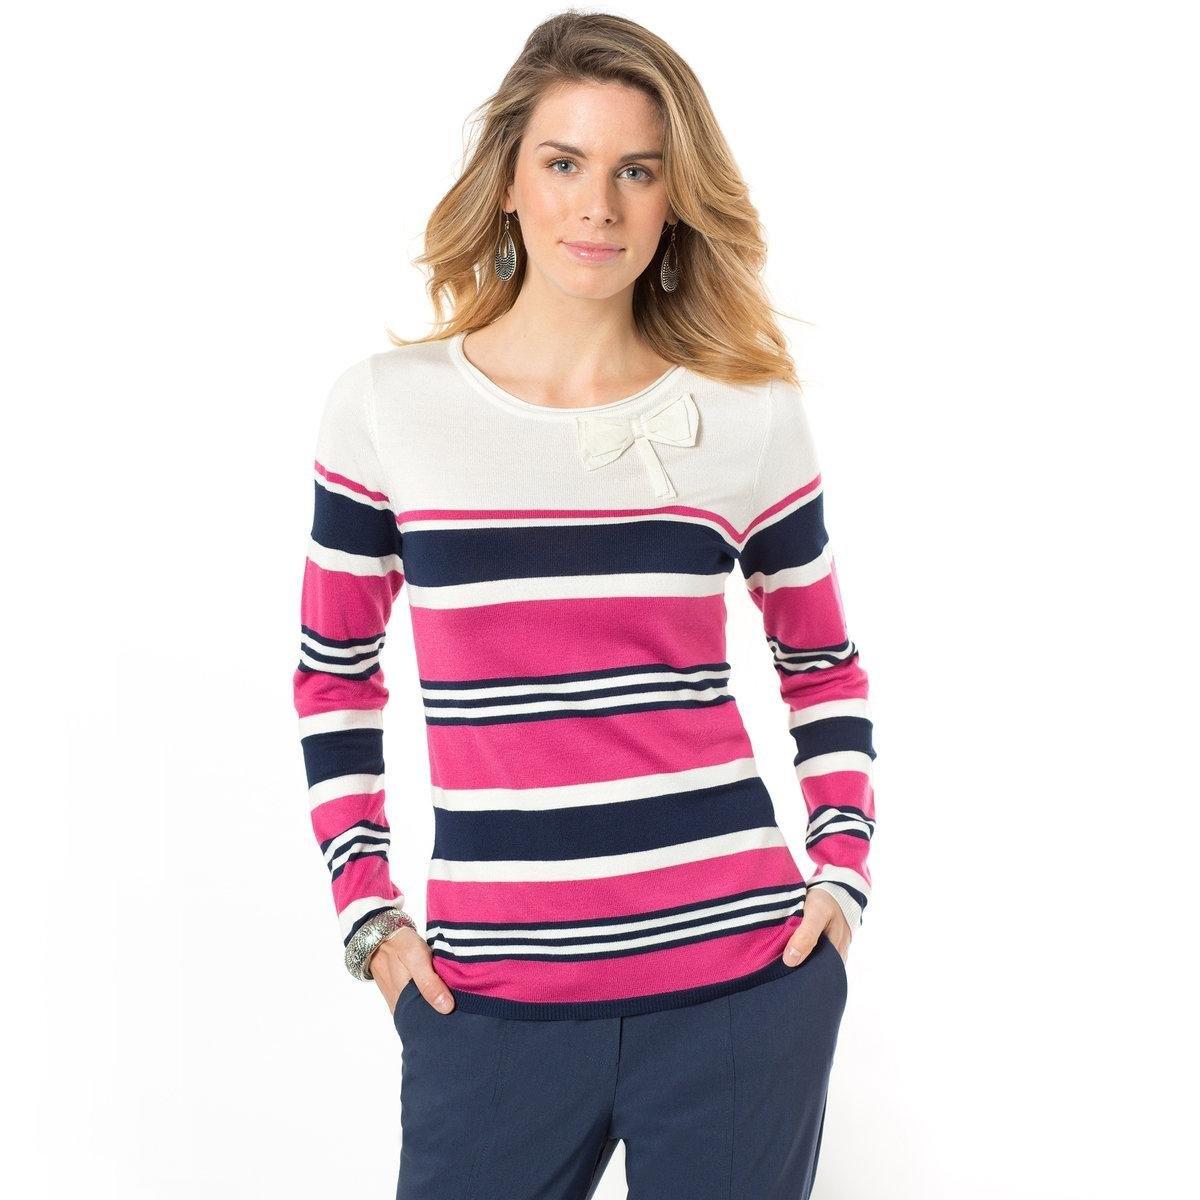 Пуловер в полоскуКруглый заниженный вырез, украшенный бантом. Длина ок. 62 см. Трикотаж, 86% акрила, 14% полиамида.<br><br>Цвет: в полоску фон экрю<br>Размер: 42/44 (FR) - 48/50 (RUS)